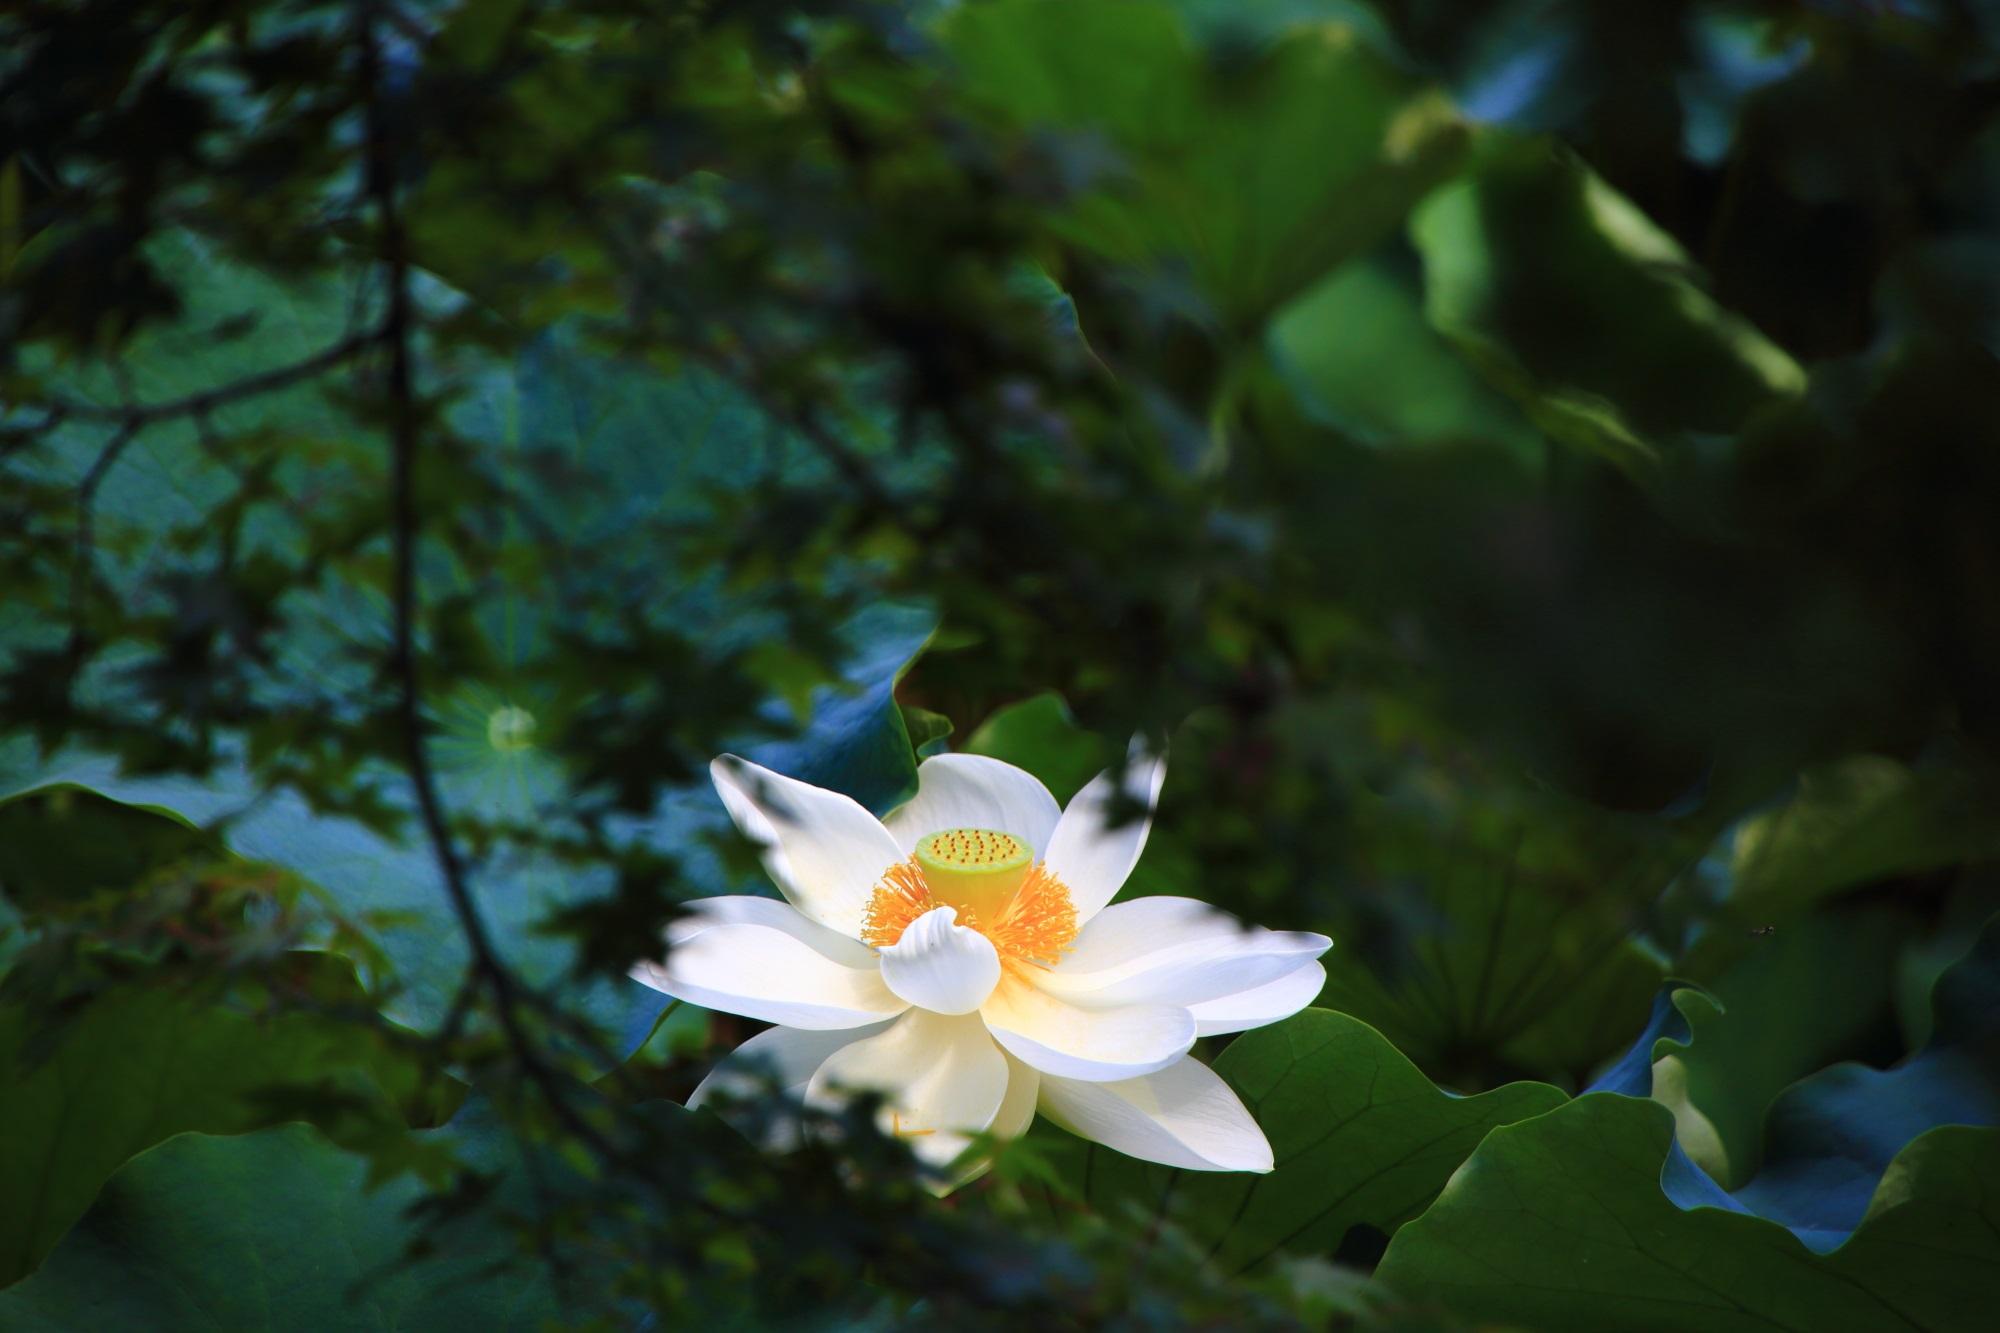 青もみじの間からのぞく大沢池の華やかな白い蓮の花